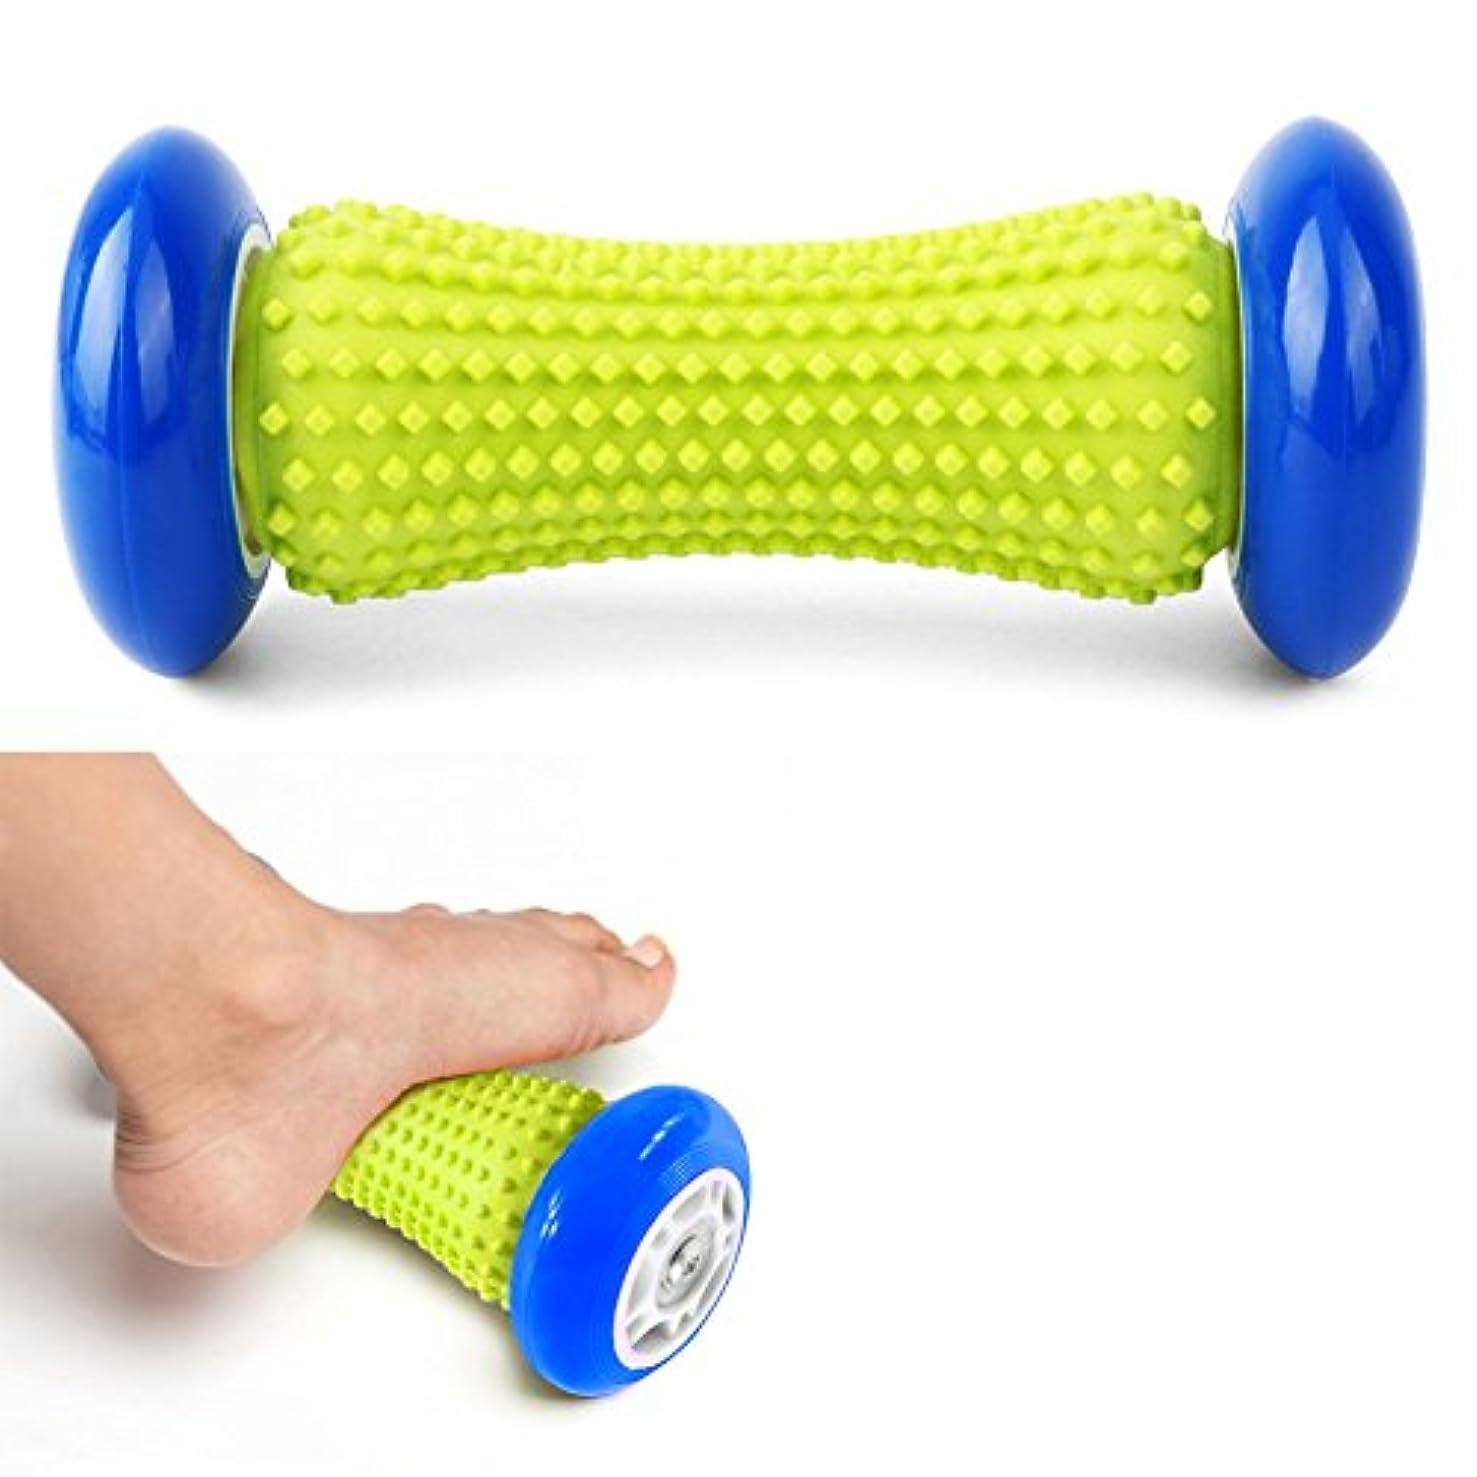 良性ぐるぐる戦士DOXUNGO 足と手のマッサージローラー - マッスルローラースティック - 手首と前腕足底筋膜炎、腕の痛み - かかと&足アーチ痛の救済のための運動ローラー (ブラック)